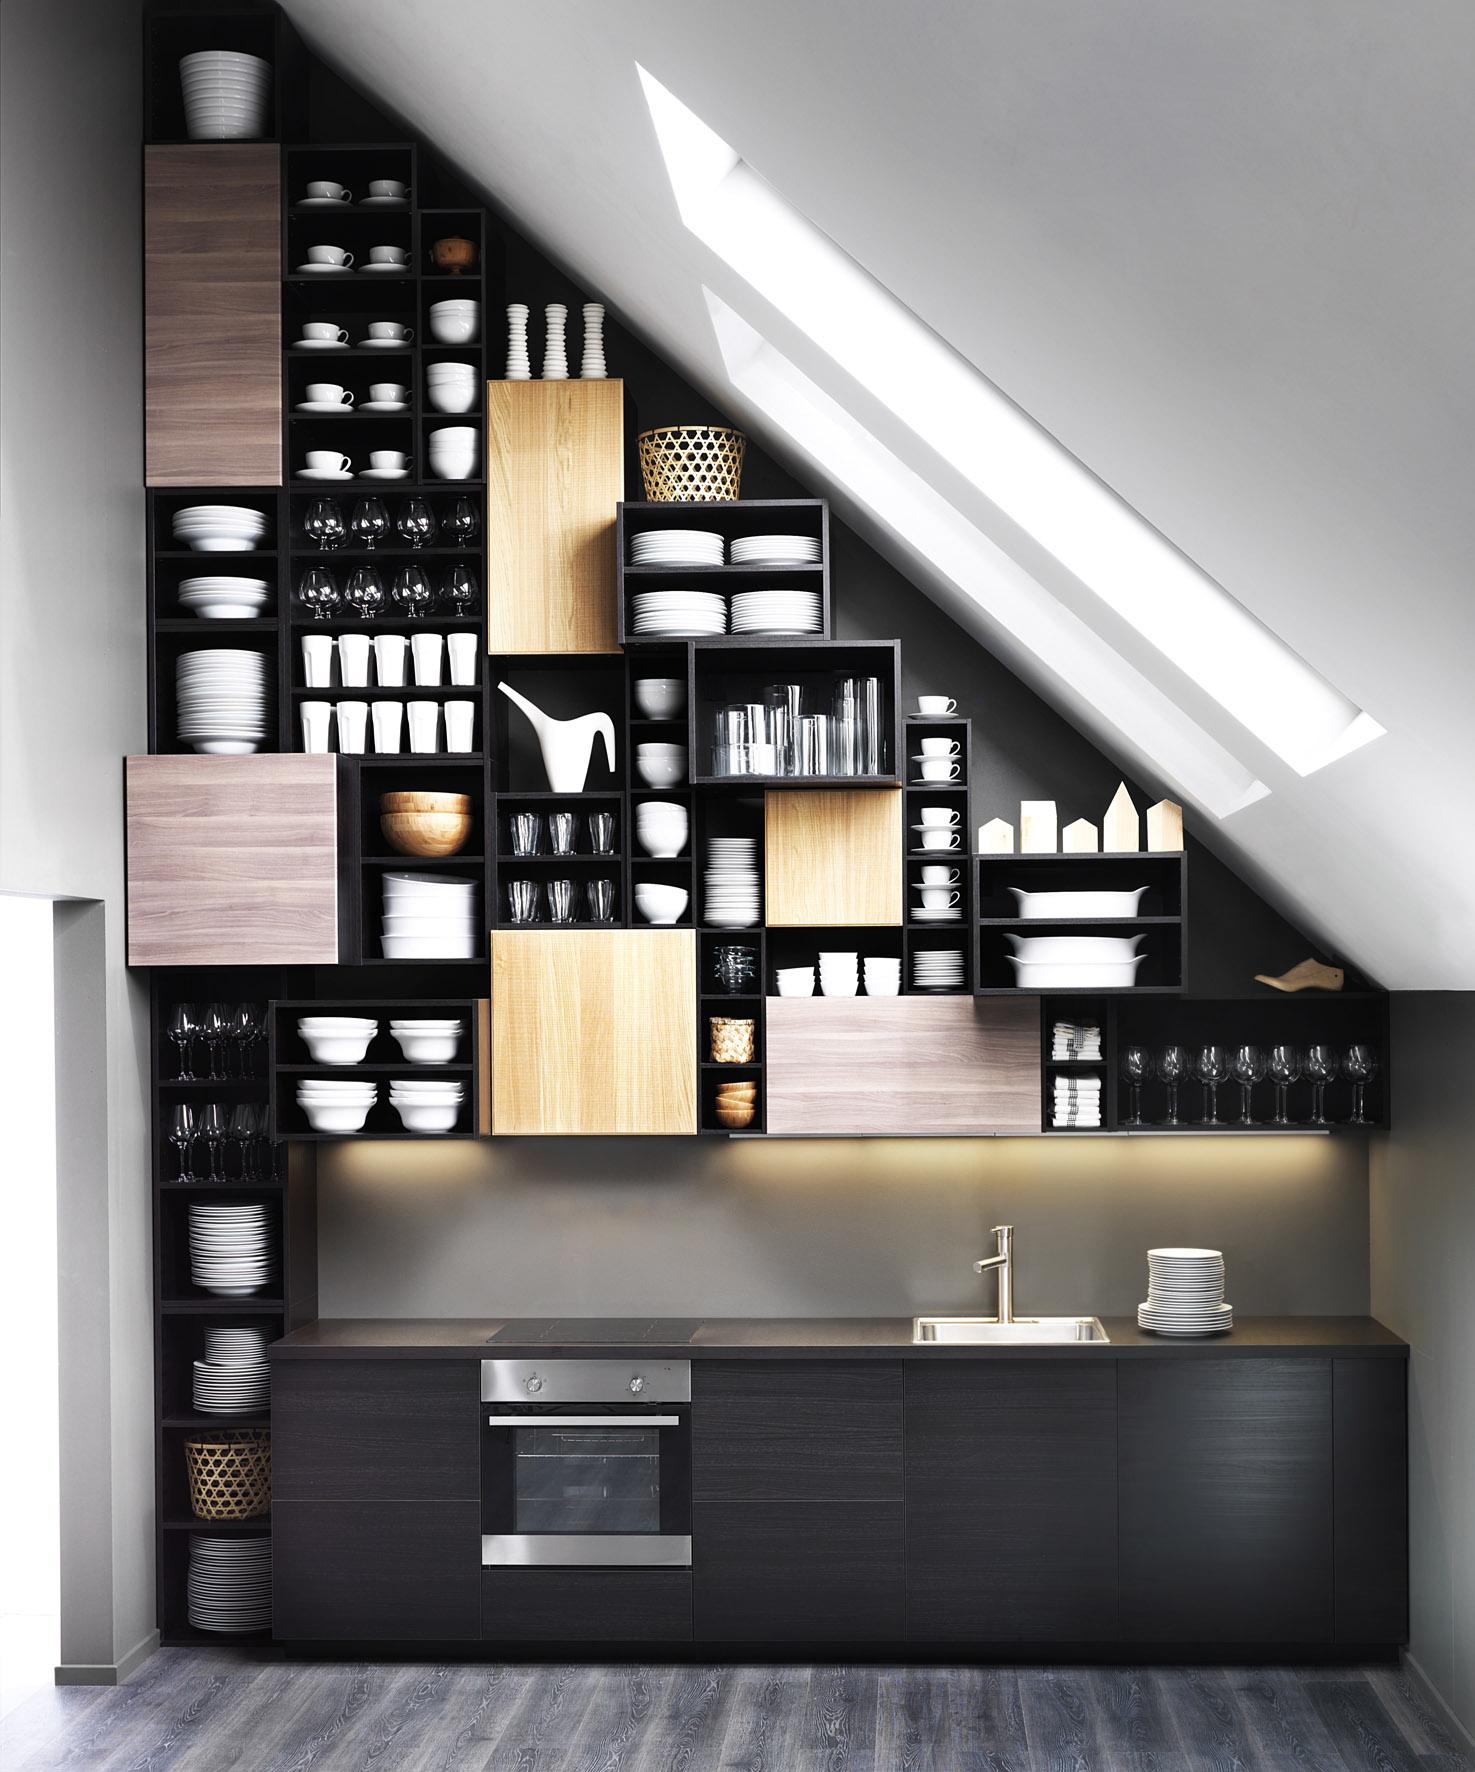 De nieuwe Metod keukens van IKEA - Nieuws Startpagina voor keuken ...